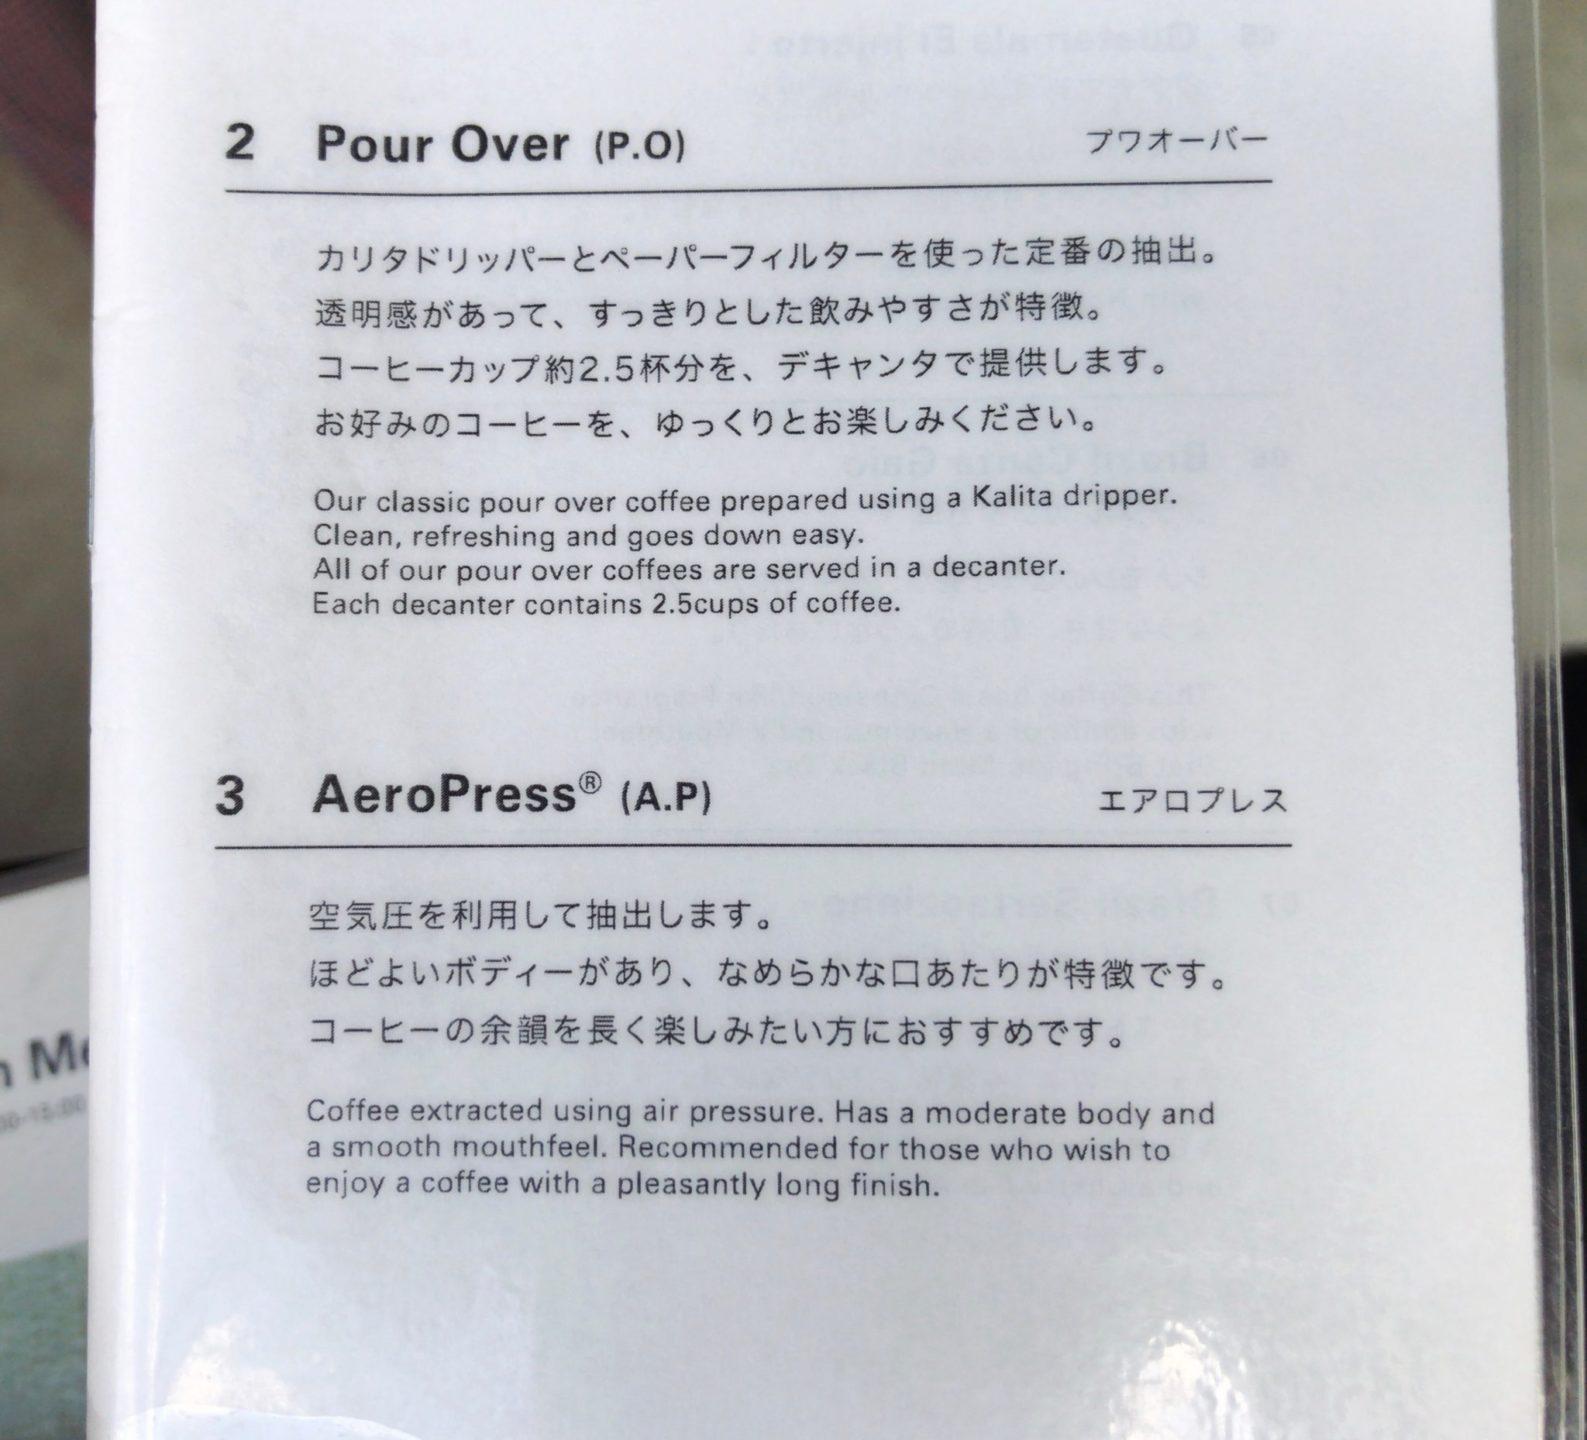 小川珈琲ラボラトリー桜新町のエアロプレスほか